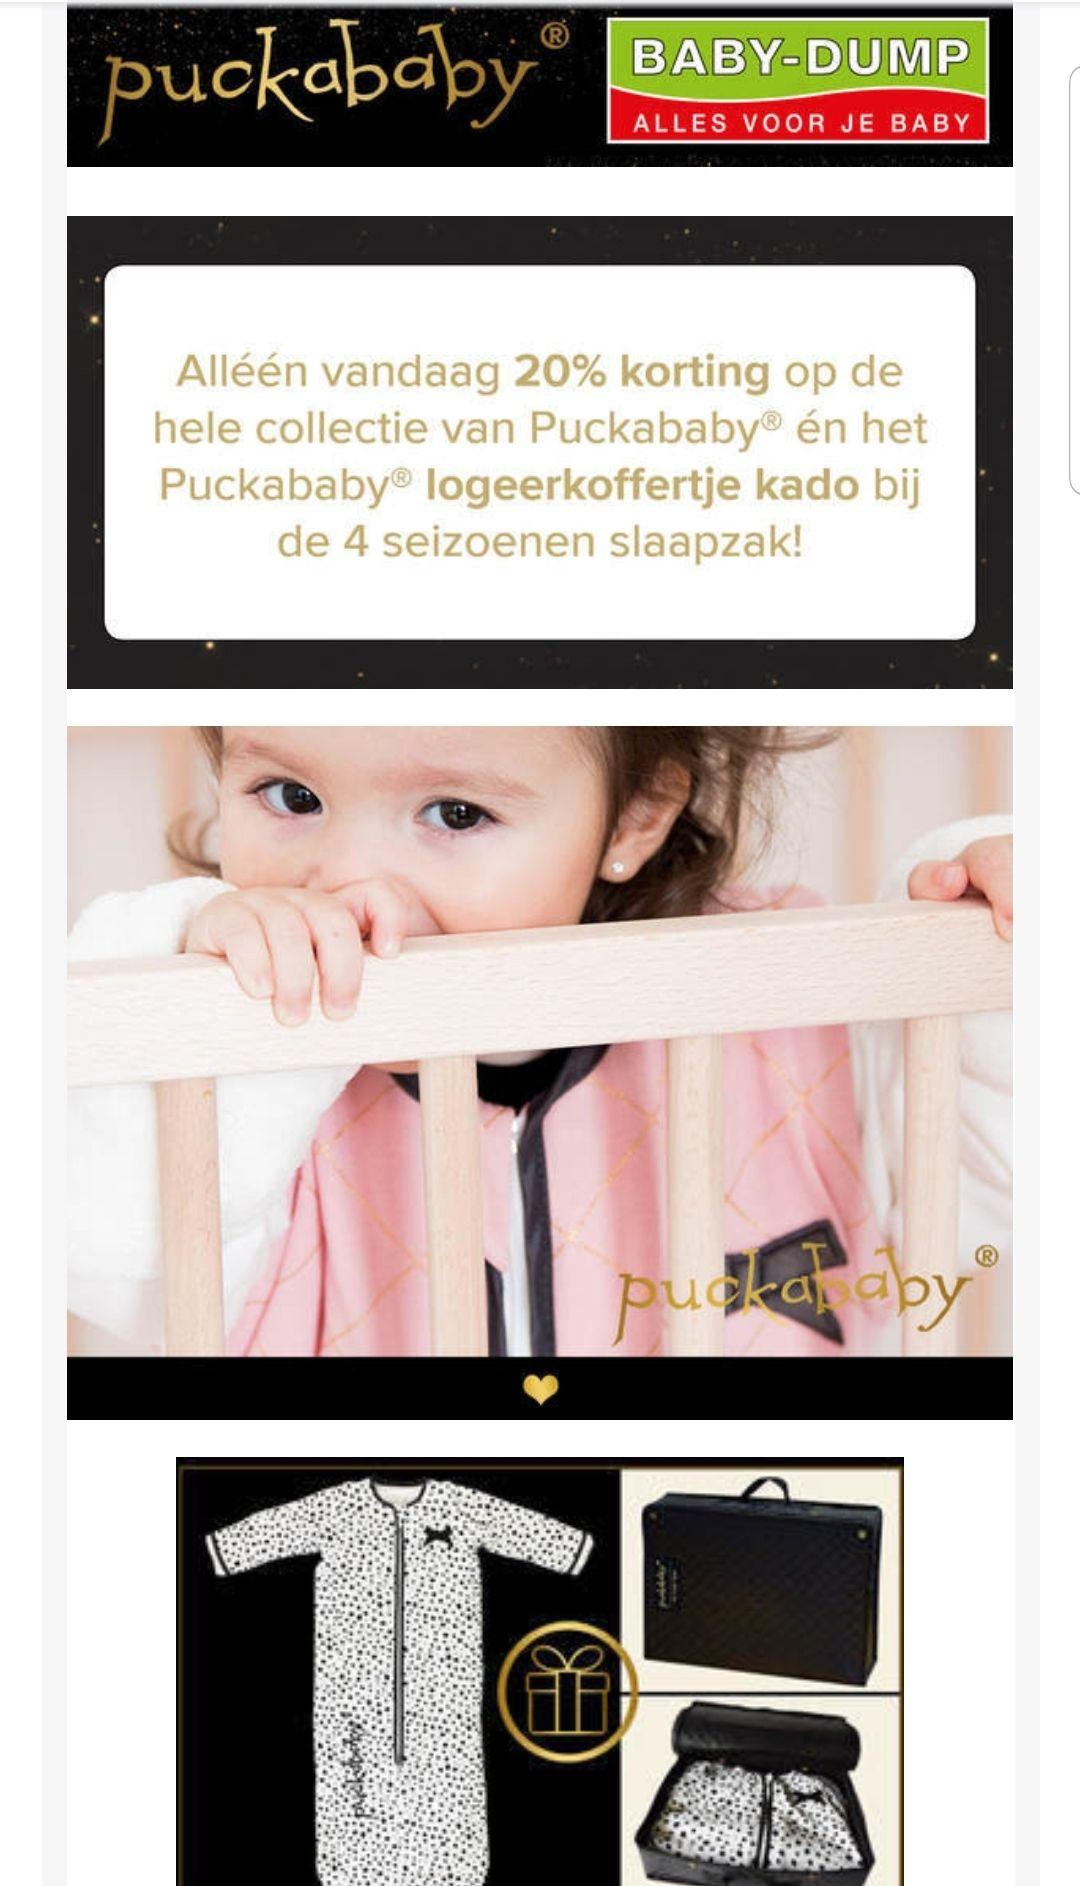 Alleen vandaag 20% korting op de gehele collectie van Puckababy en gratis logeerkoffer kado bij BabyDump.